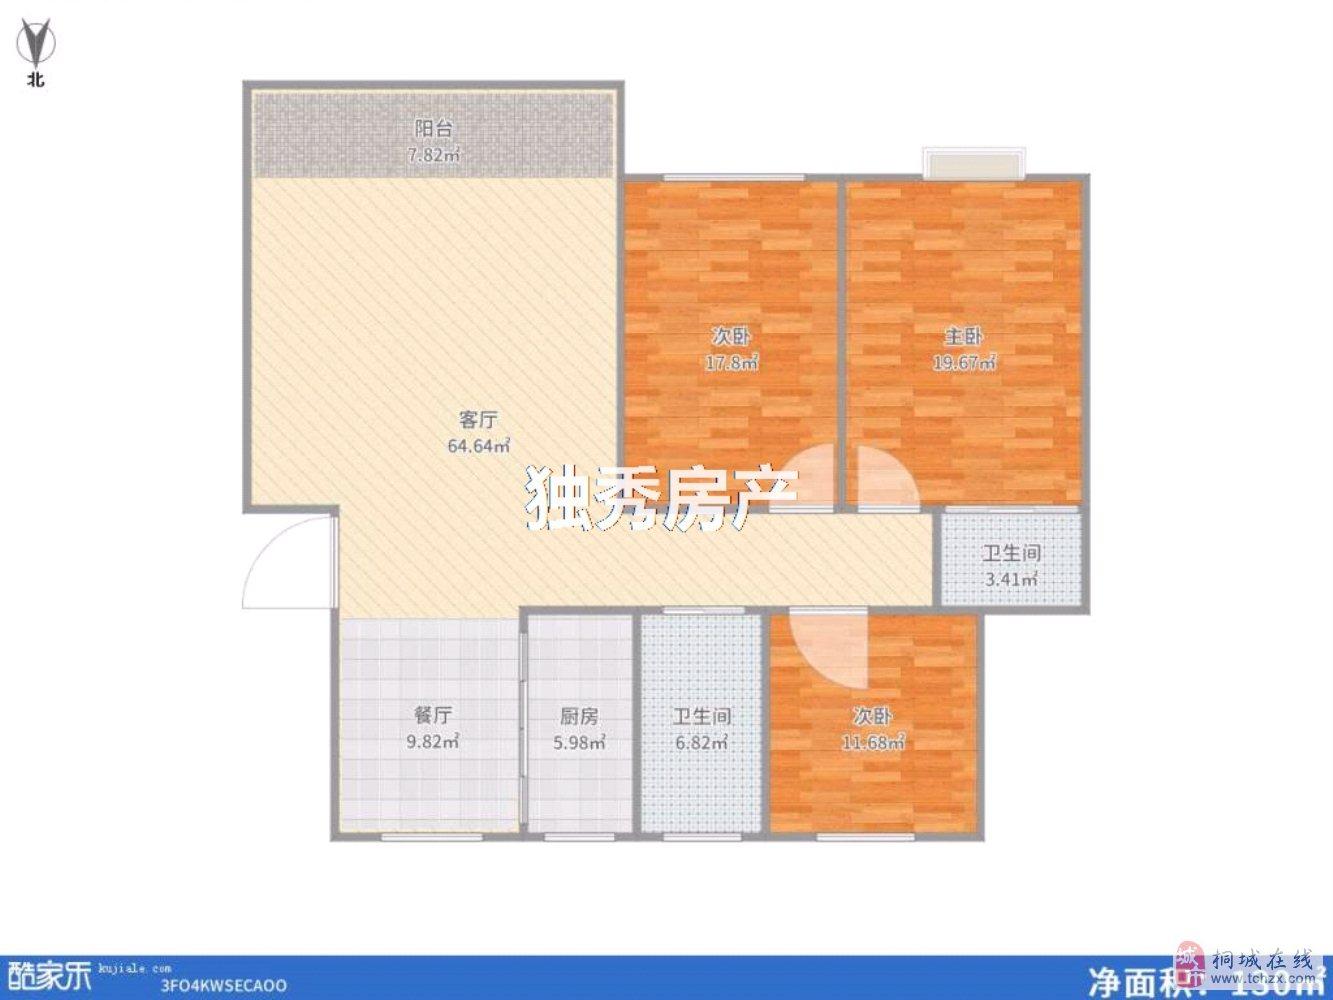 出售华日快乐家园3室2厅1卫72万元